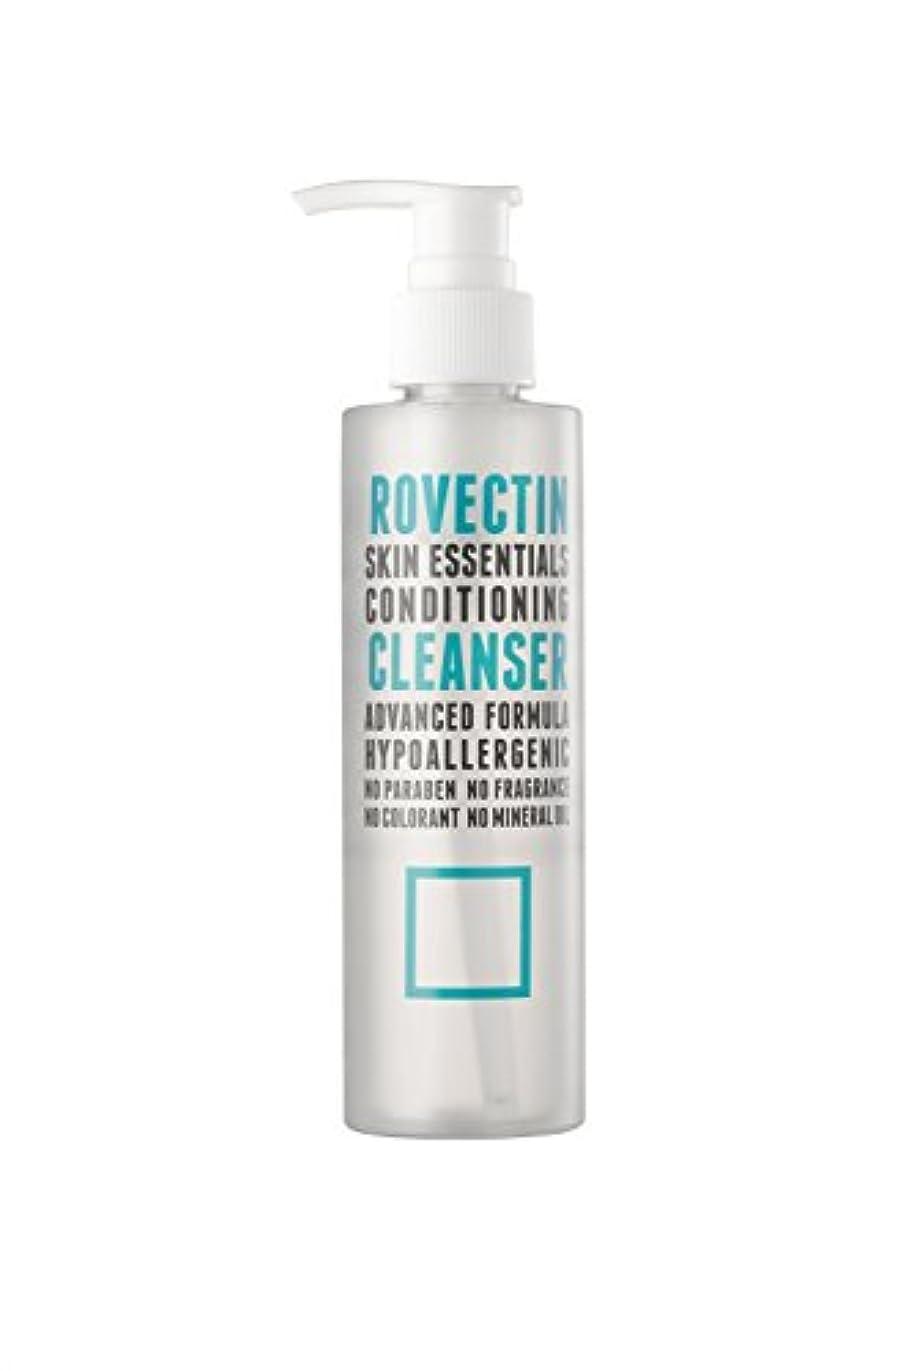 サーフィンアフリカ母スキン エッセンシャルズ コンディショニング クレンザー Skin Essentials Conditioning Cleanser 175ml [並行輸入品]